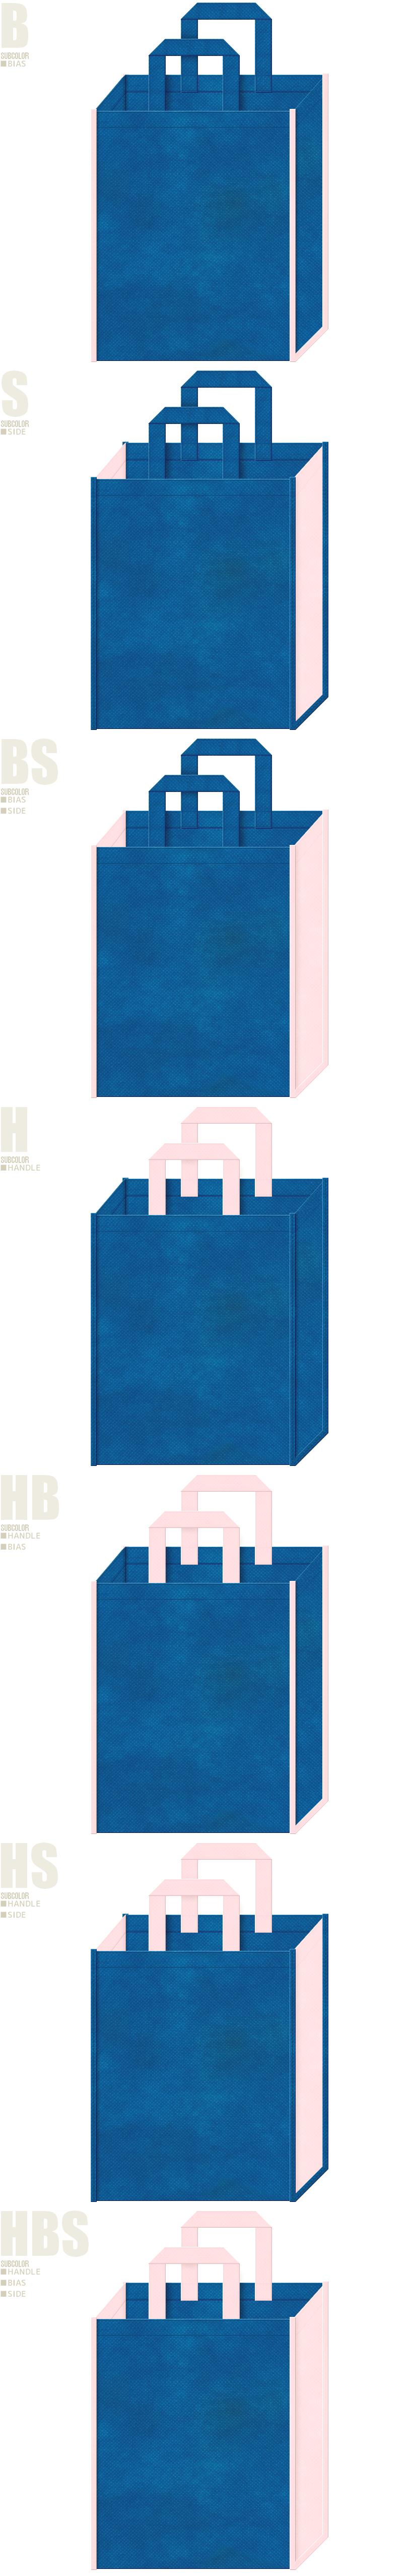 不織布バッグのデザイン:青色と桜色の配色7パターン